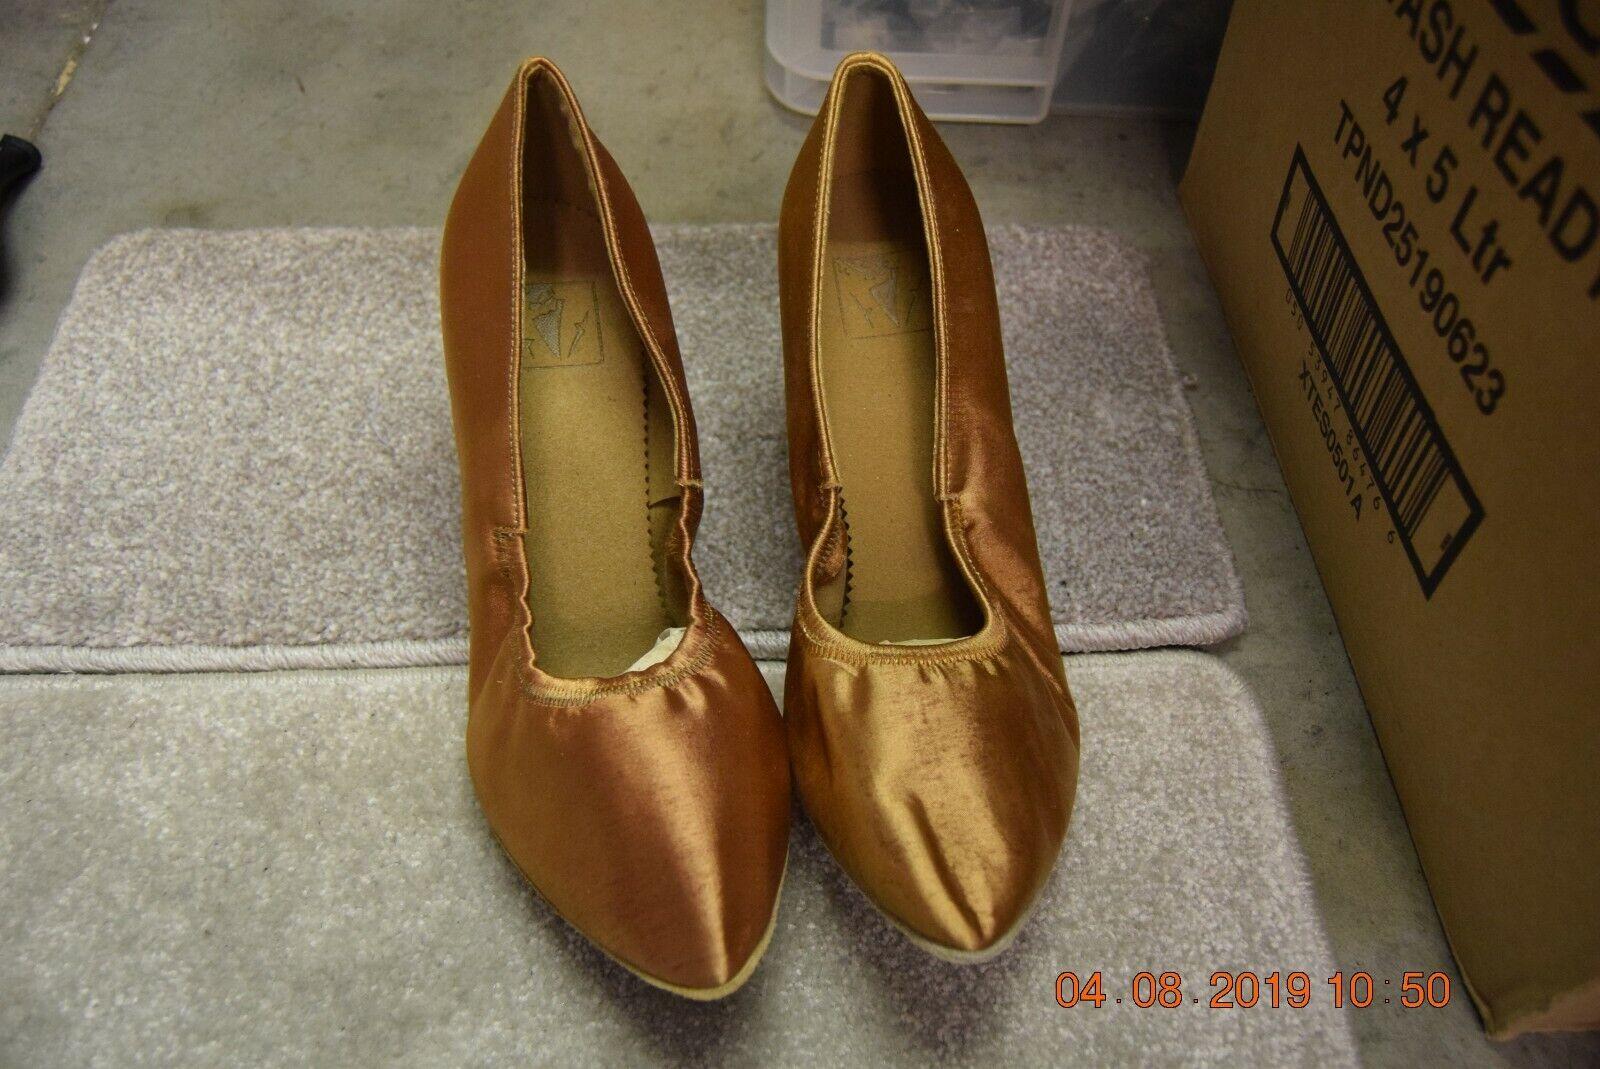 Tan satin elasticated Dancelife ballroom dance shoes - size UK 8.5 (P80a)